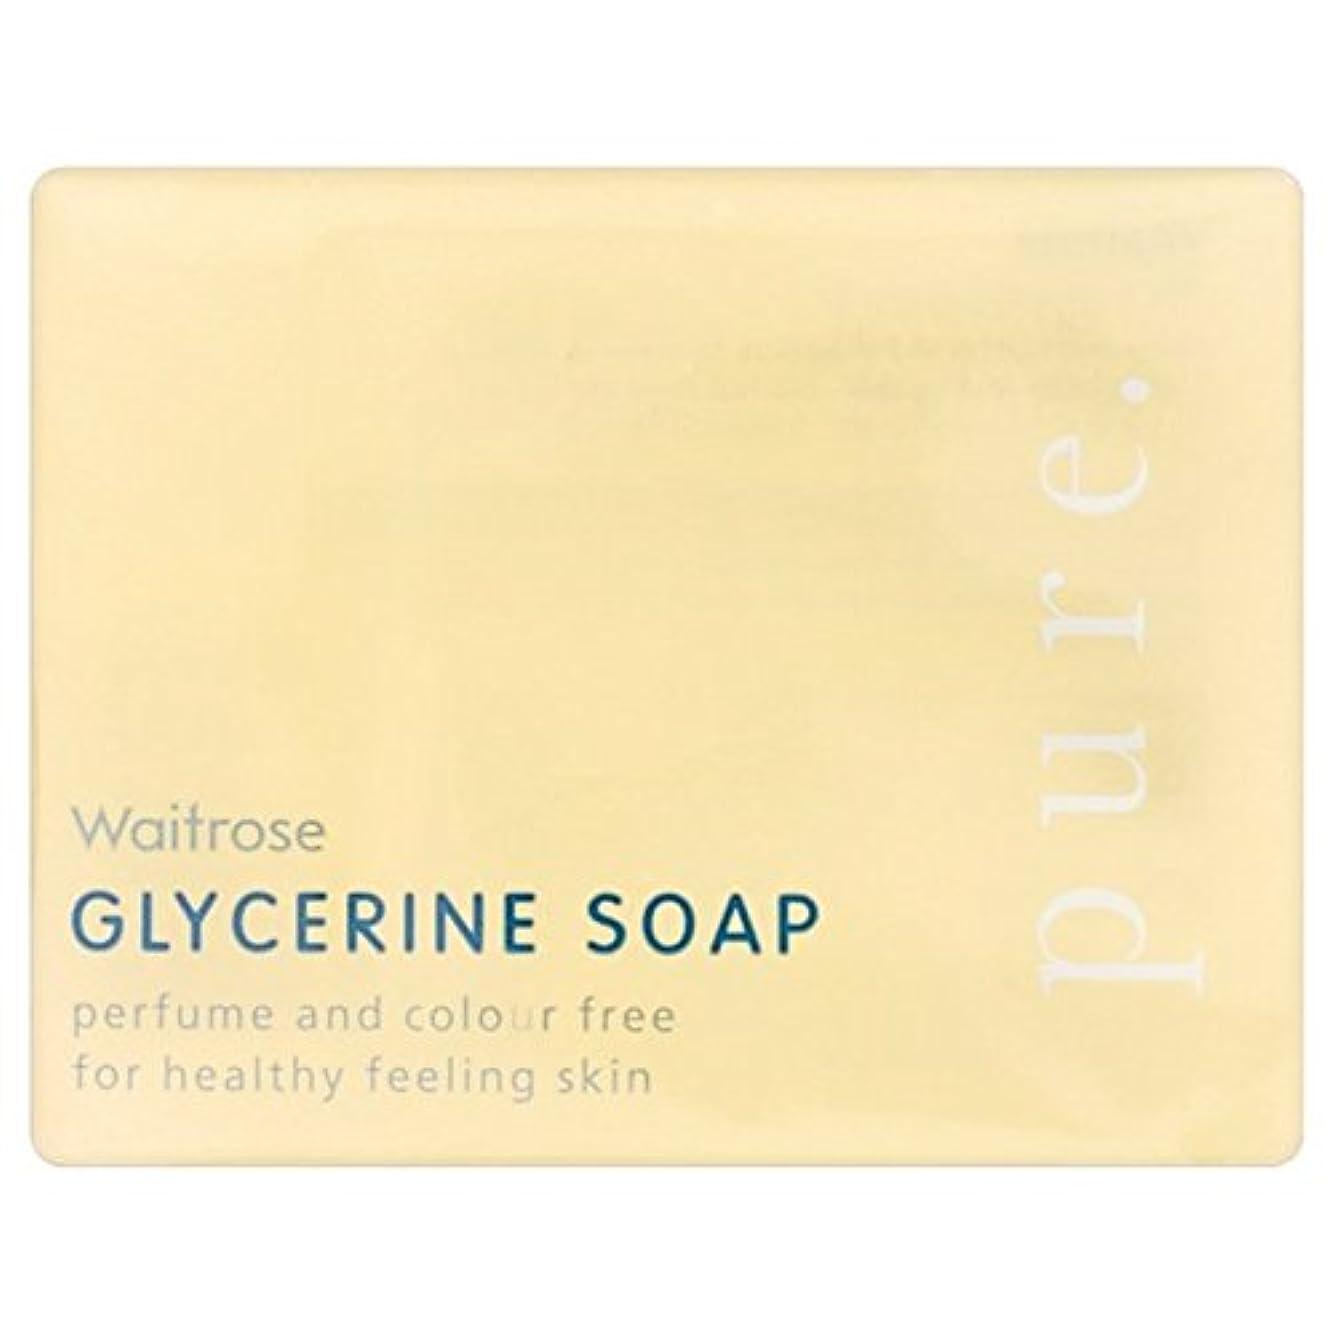 象反発ファンネルウェブスパイダーPure Glycerine Soap Waitrose 100g (Pack of 6) - 純粋なグリセリンソープウェイトローズの100グラム x6 [並行輸入品]